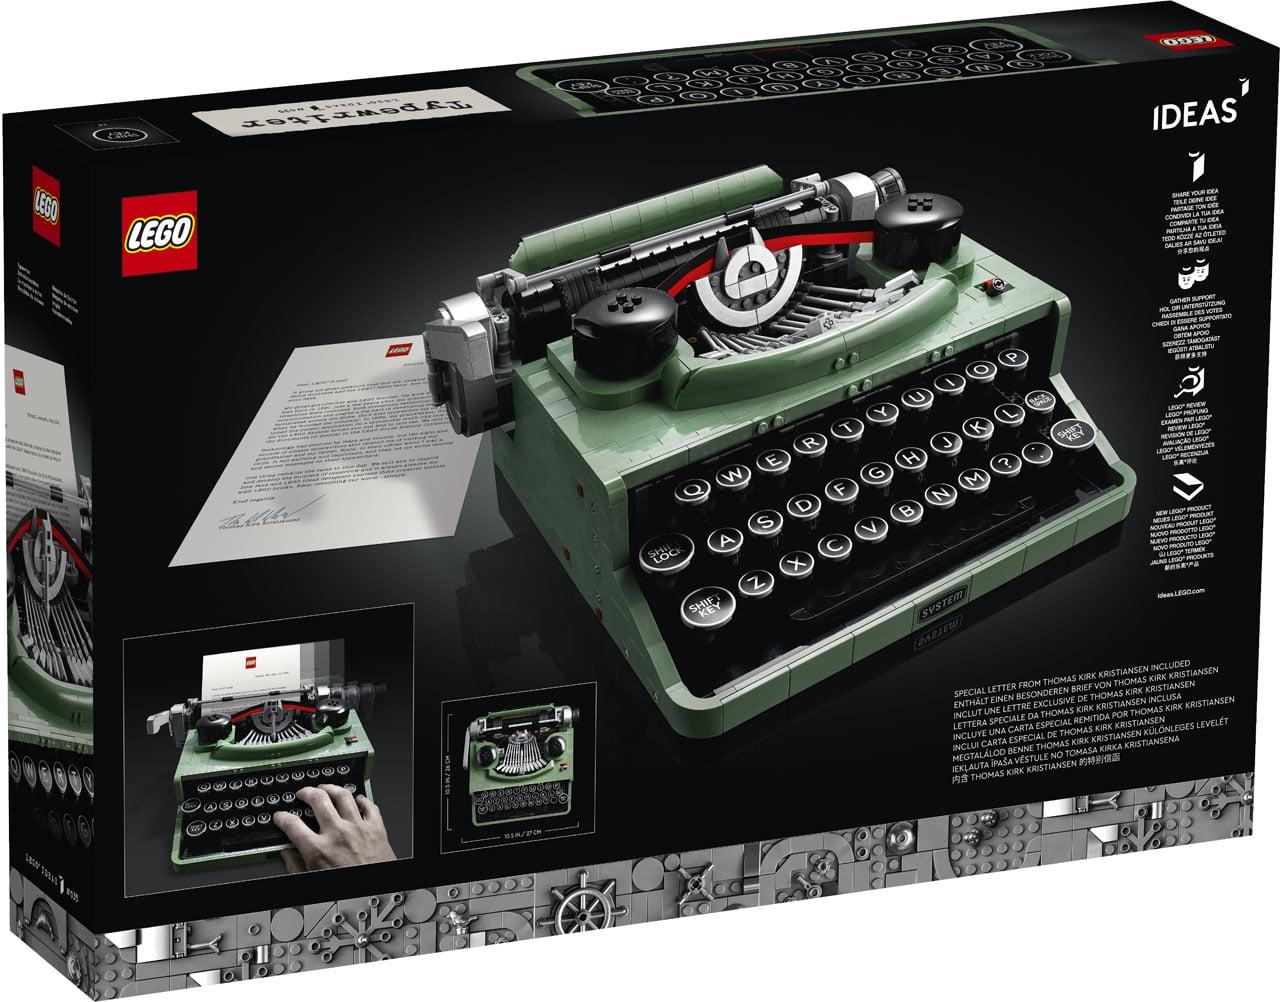 lego-schreibmaschine-ideas-21327-2.jpeg